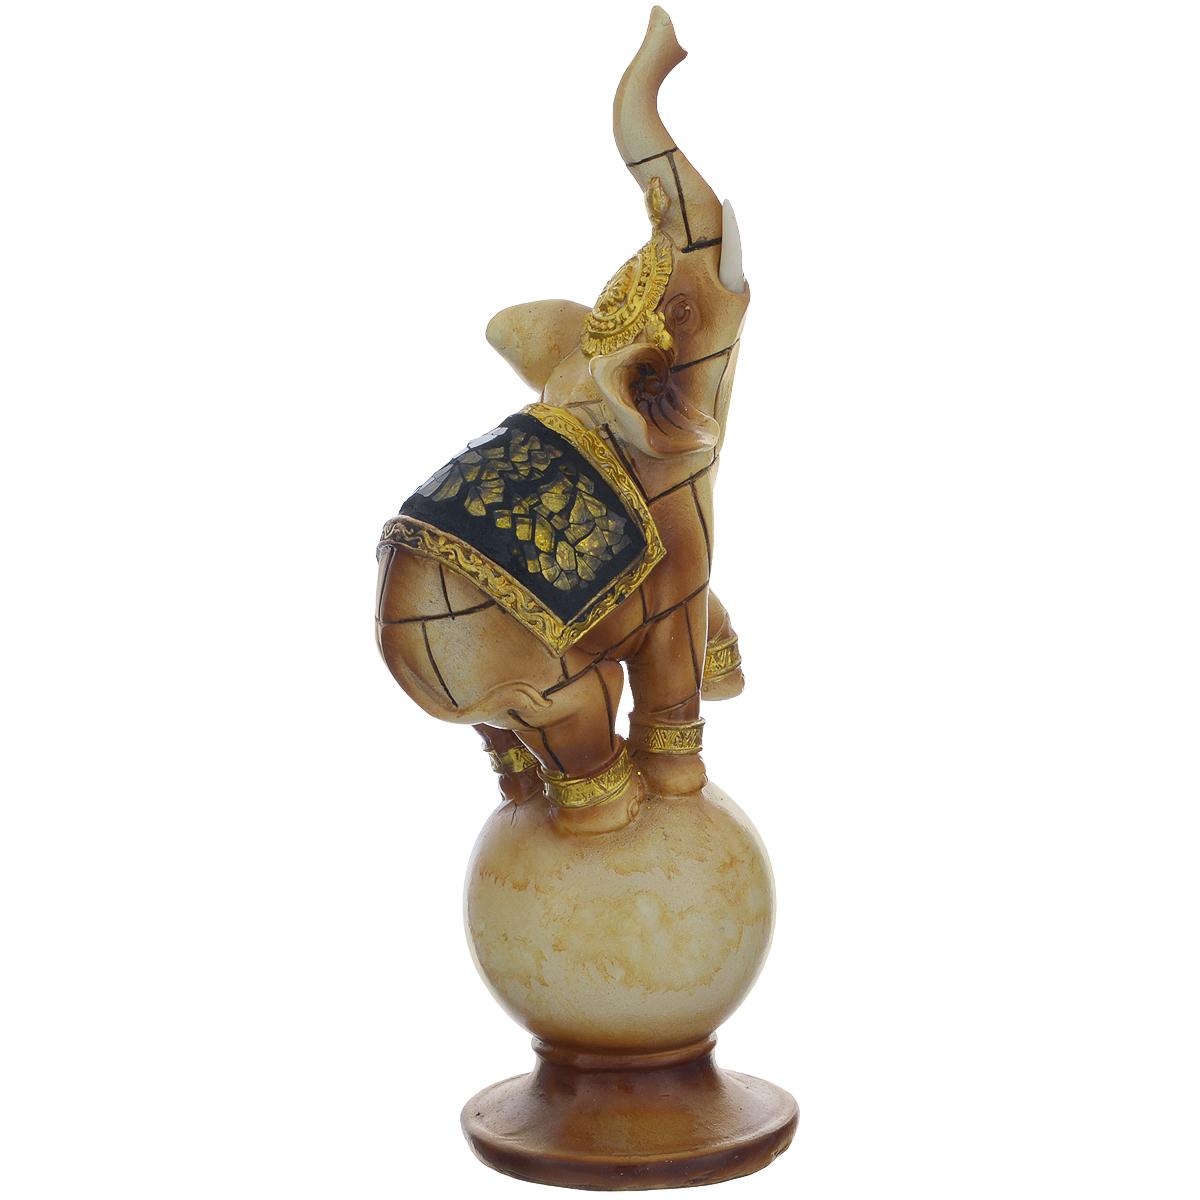 Фигурка декоративная Molento Слон на шаре, высота 21 см549-057Декоративная фигура Molento Слон на шаре, изготовленная из полистоуна, позволит вам украсить интерьер дома, рабочего кабинета или любого другого помещения оригинальным образом. Изделие, выполненное в виде слона на шаре, оформлено зеркальной россыпью.С такой декоративной фигурой вы сможете не просто внести в интерьер элемент оригинальности, но и создать атмосферу загадочности и изысканности.Размер фигурки: 8 см х 6 см х 21 см.